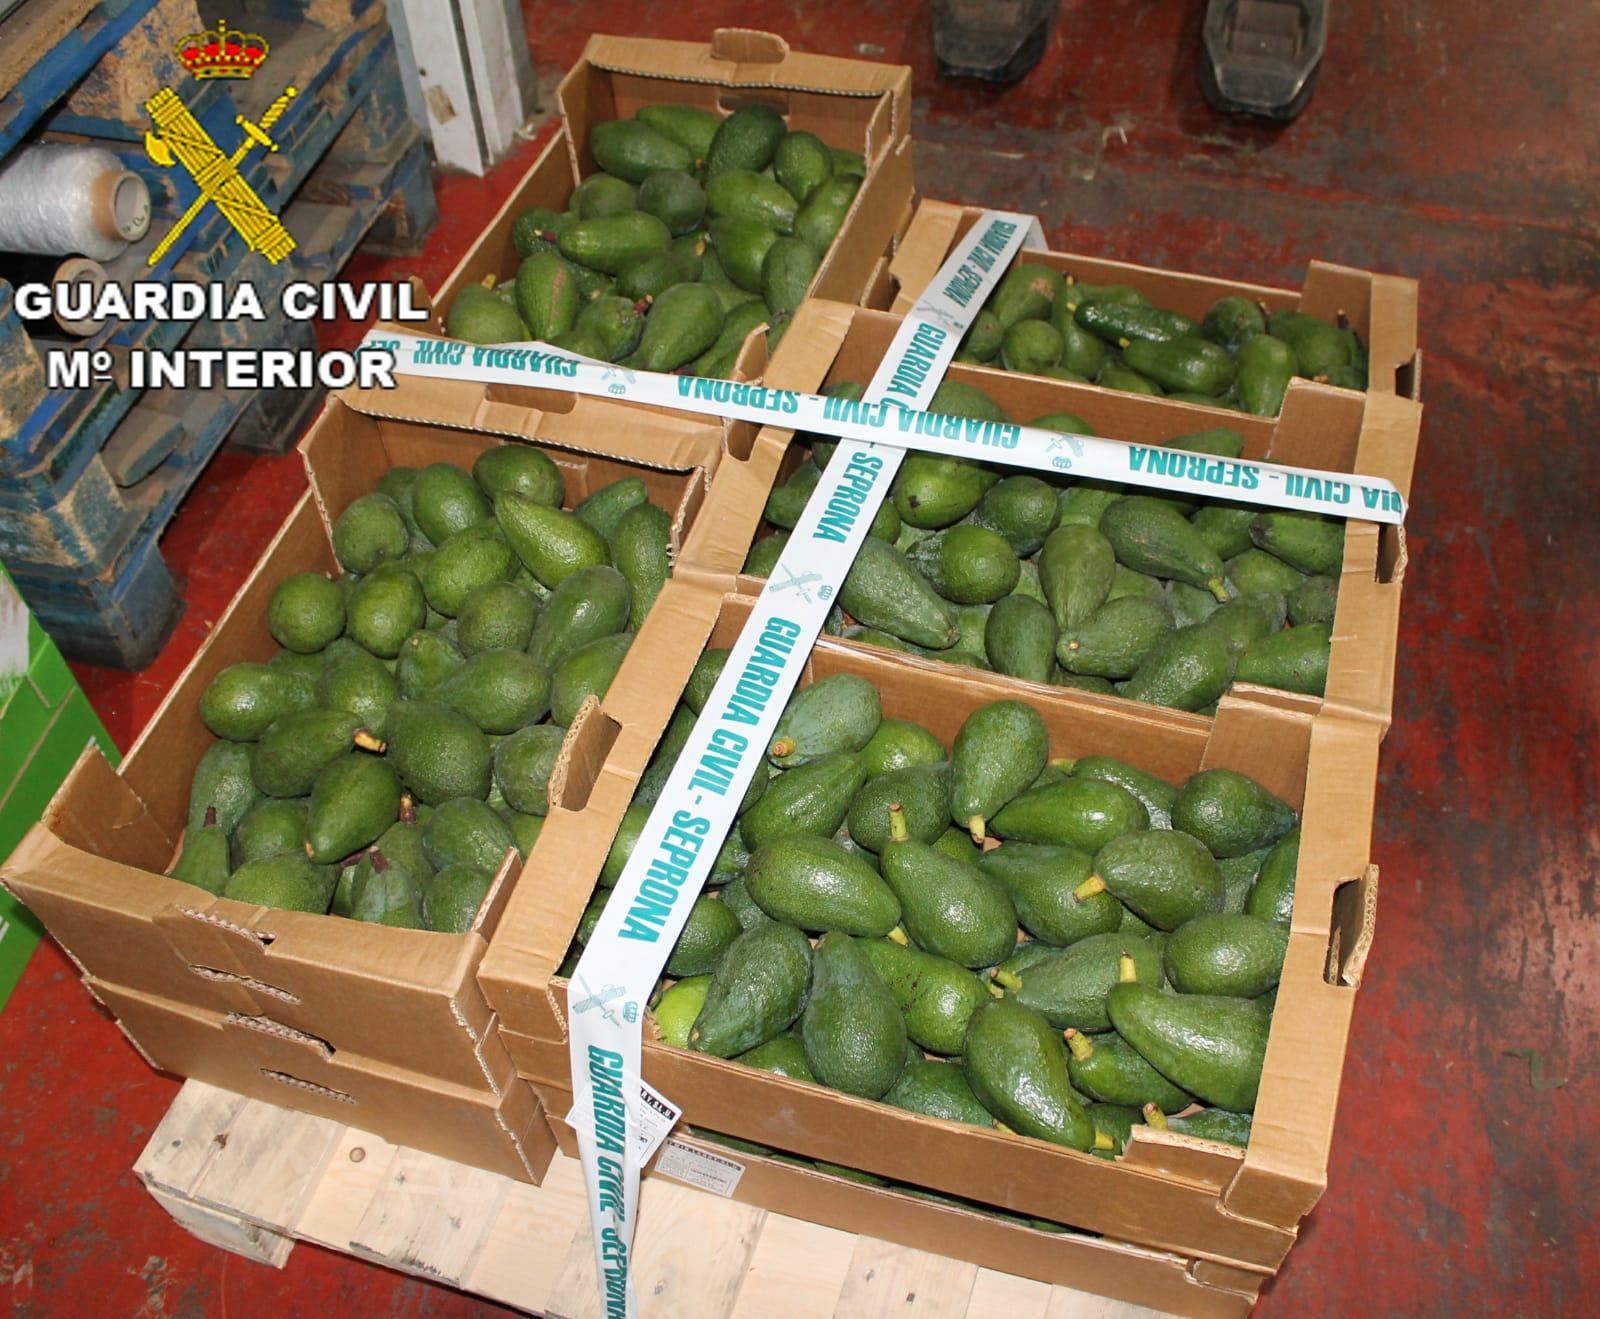 Detenidos por robar en dos fincas agrícolas de Santa Brígida